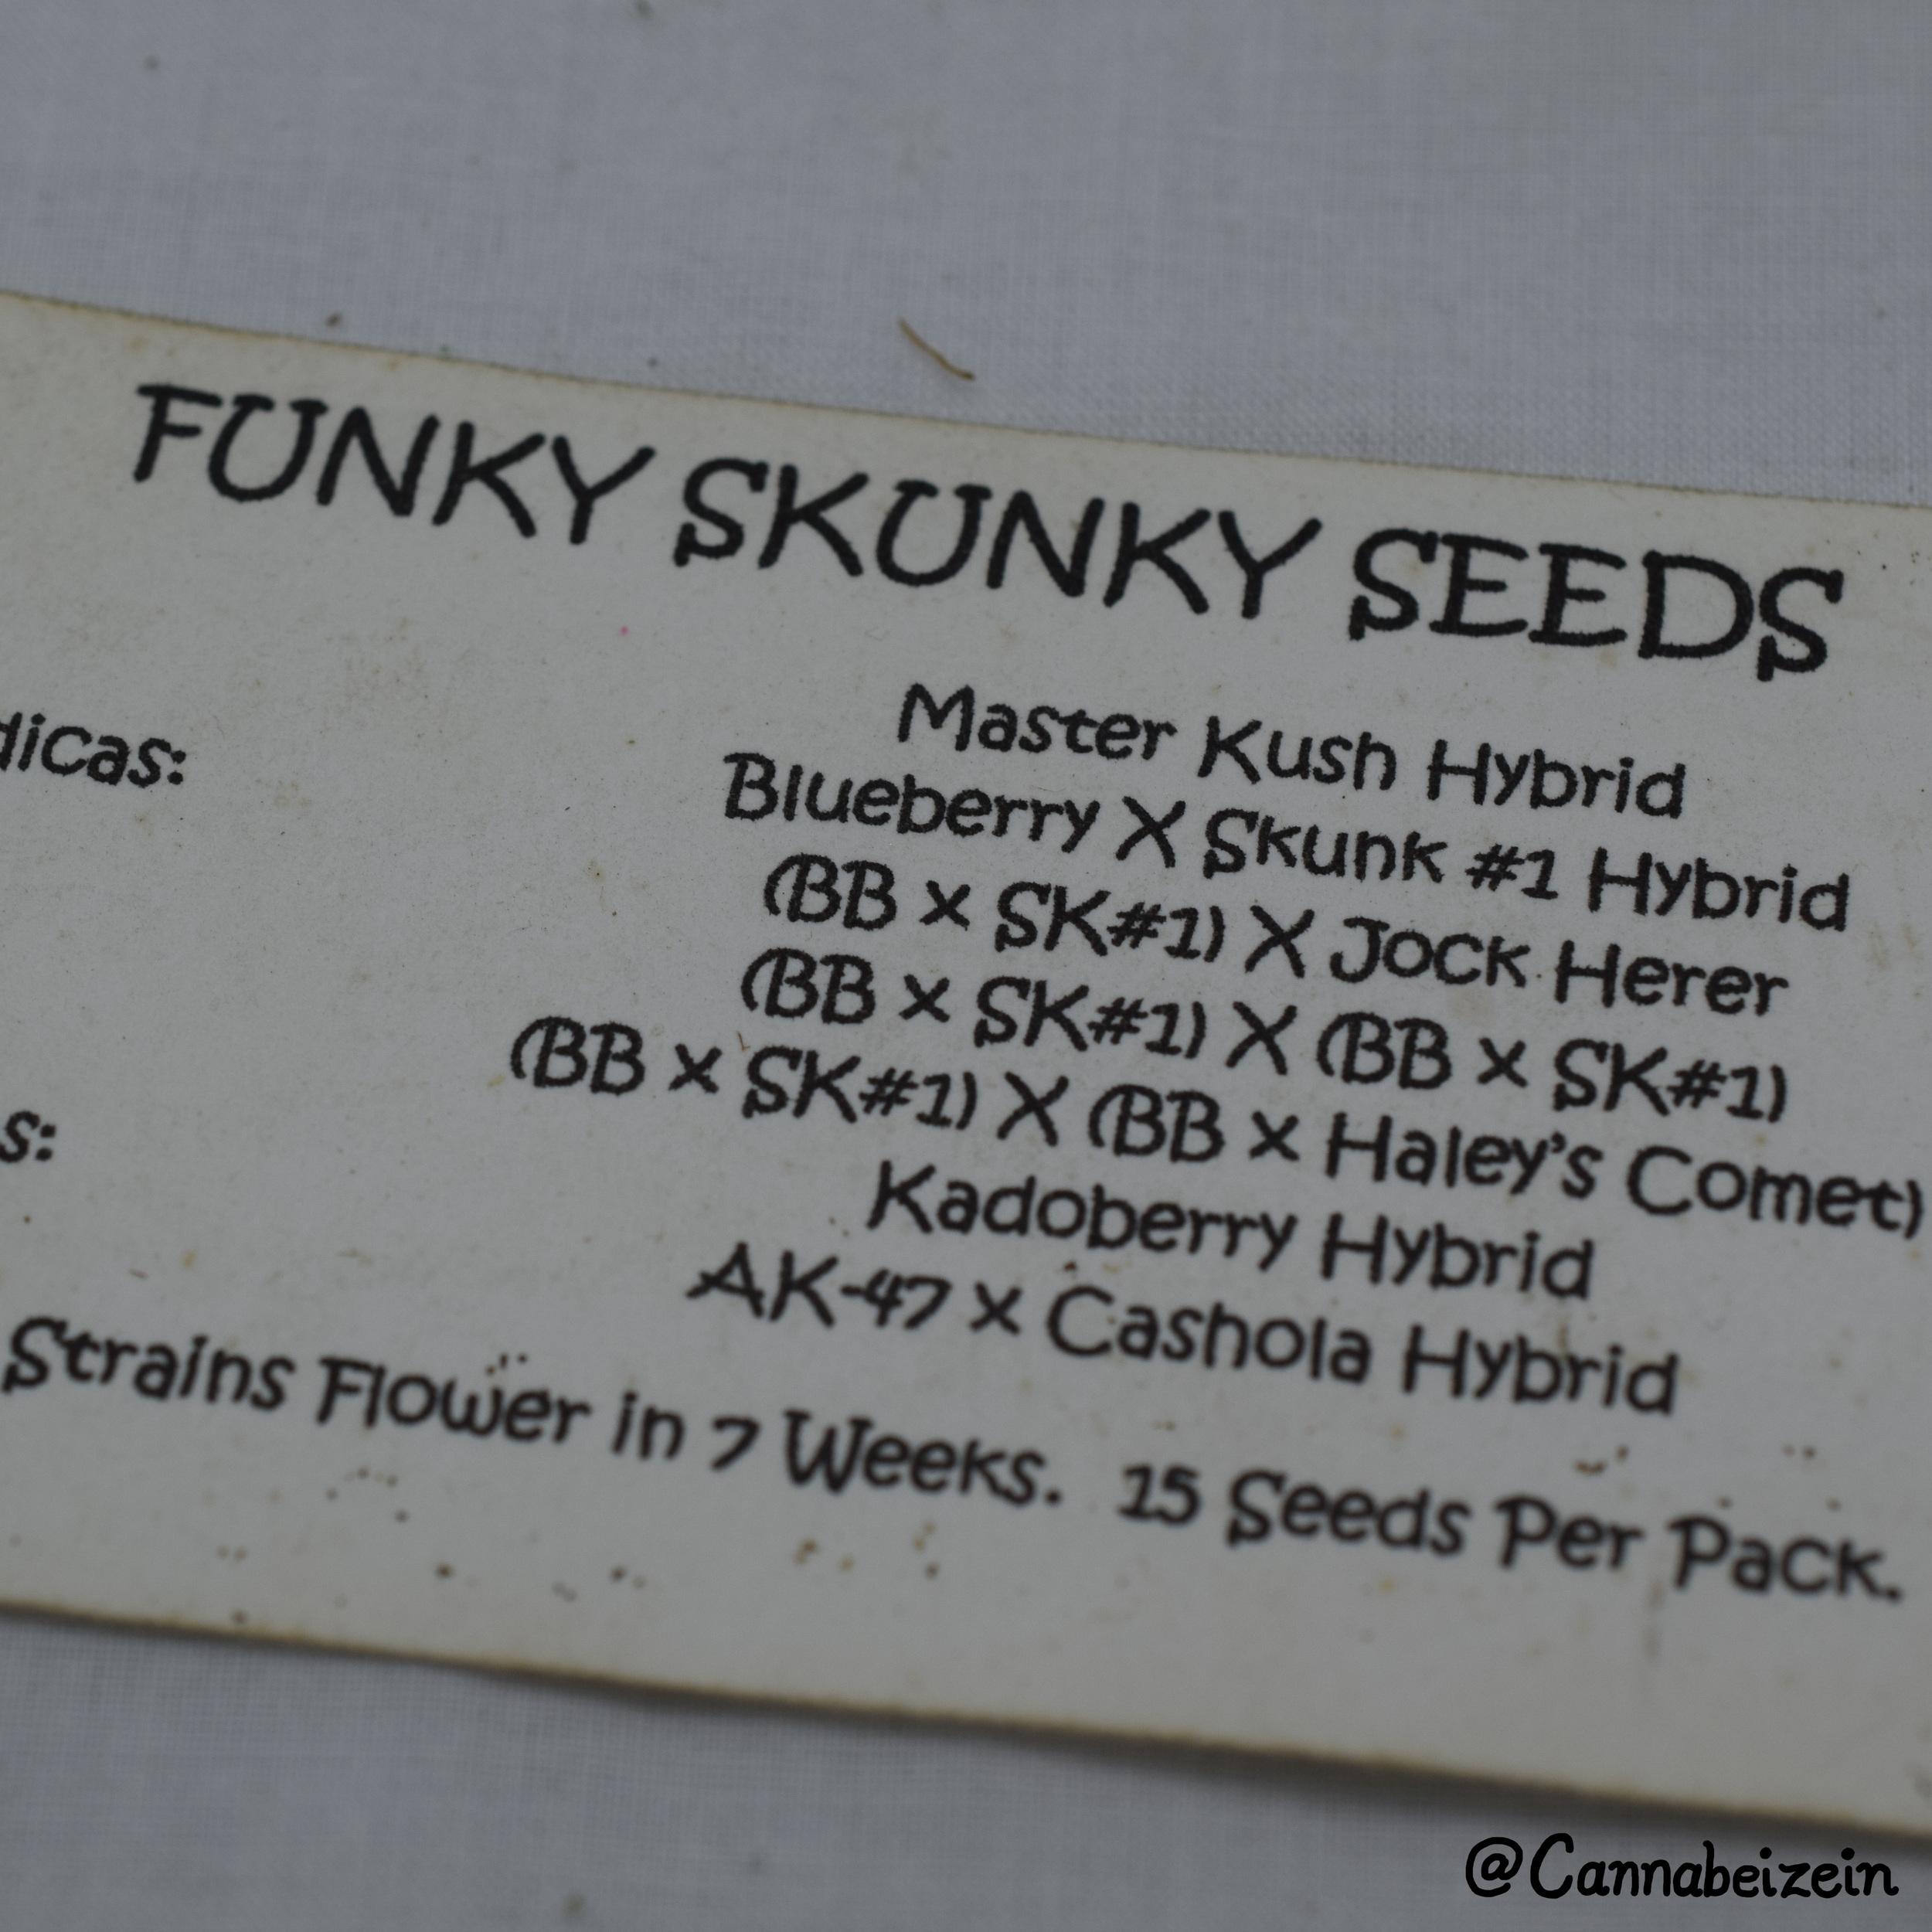 Cannabeizein 0211 - Funky Skunky Seeds - DSC_0779 copy.jpg